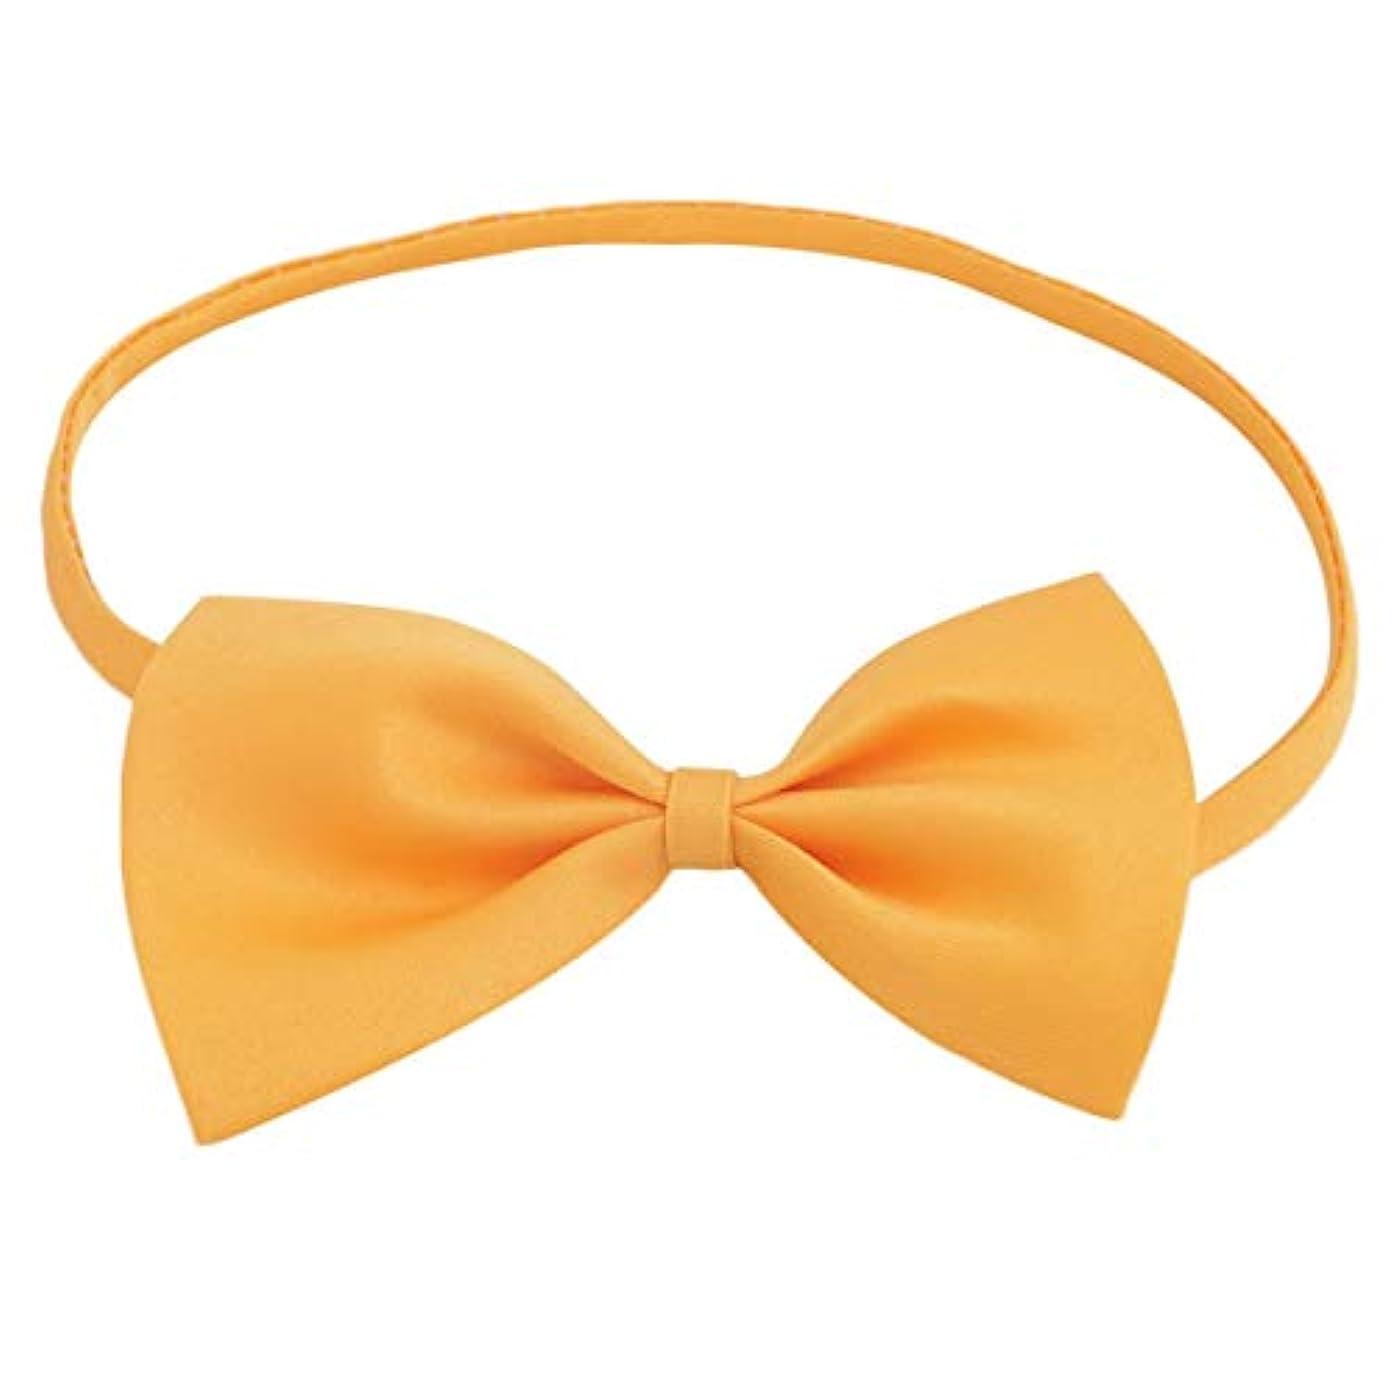 おもてなしレッスンTivollyff 新しい男の子女の子子供蝶英国スタイルのネクタイソリッドボウタイプレネクタイ縛ら子供結婚式パーティーサテン蝶ネクタイヴィンテージホット